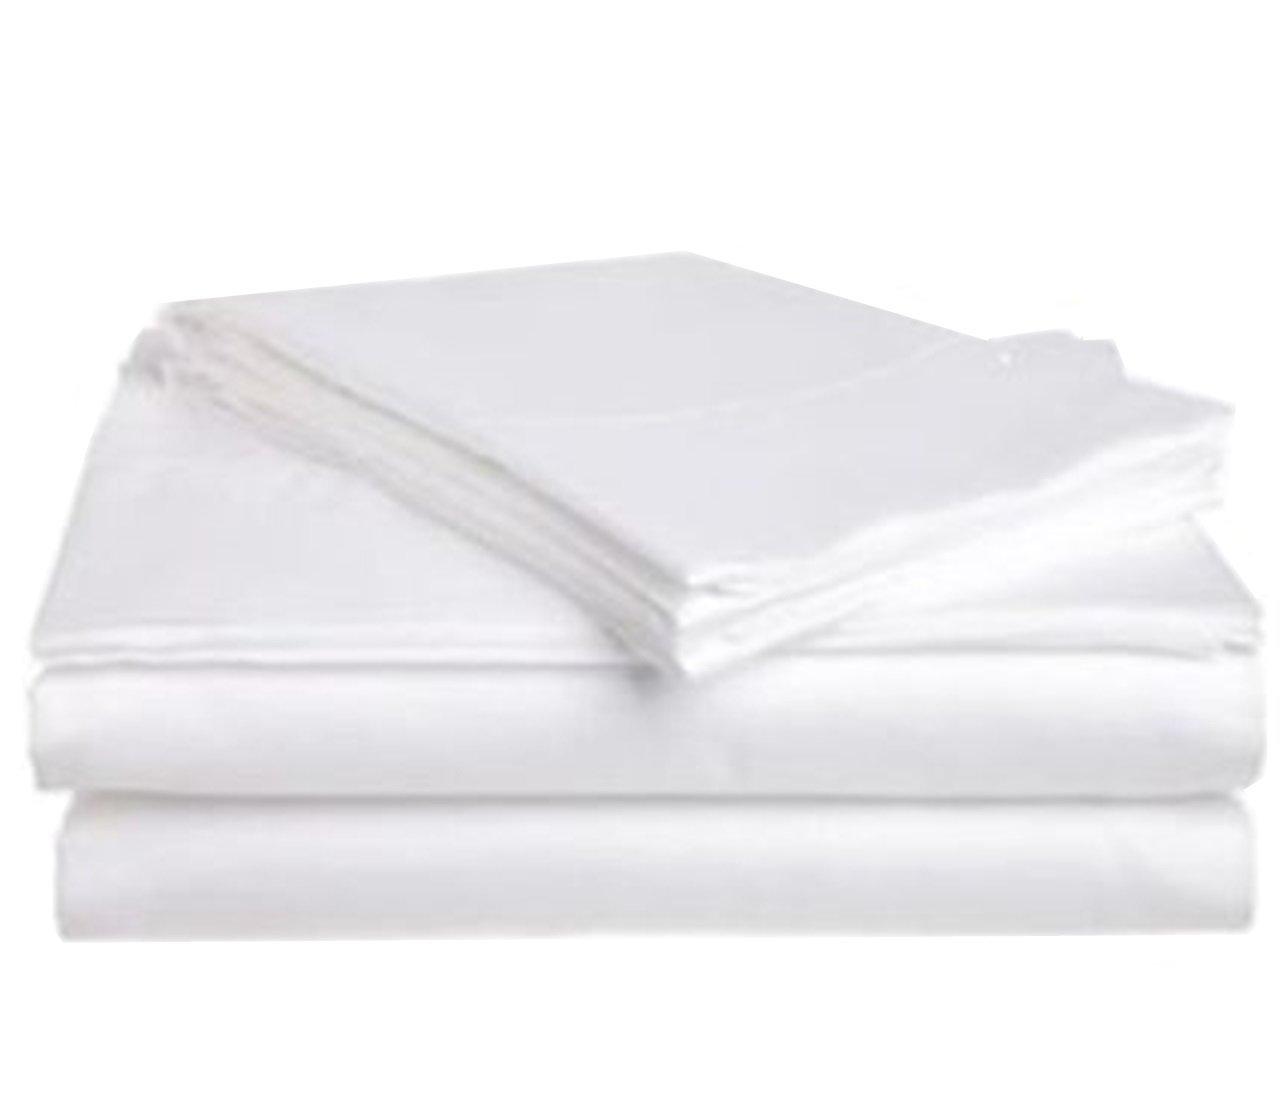 1 NEW WHITE MASSAGE TABLE FLAT DRAW SHEET MUSLIN T130 54X82 TKT-11